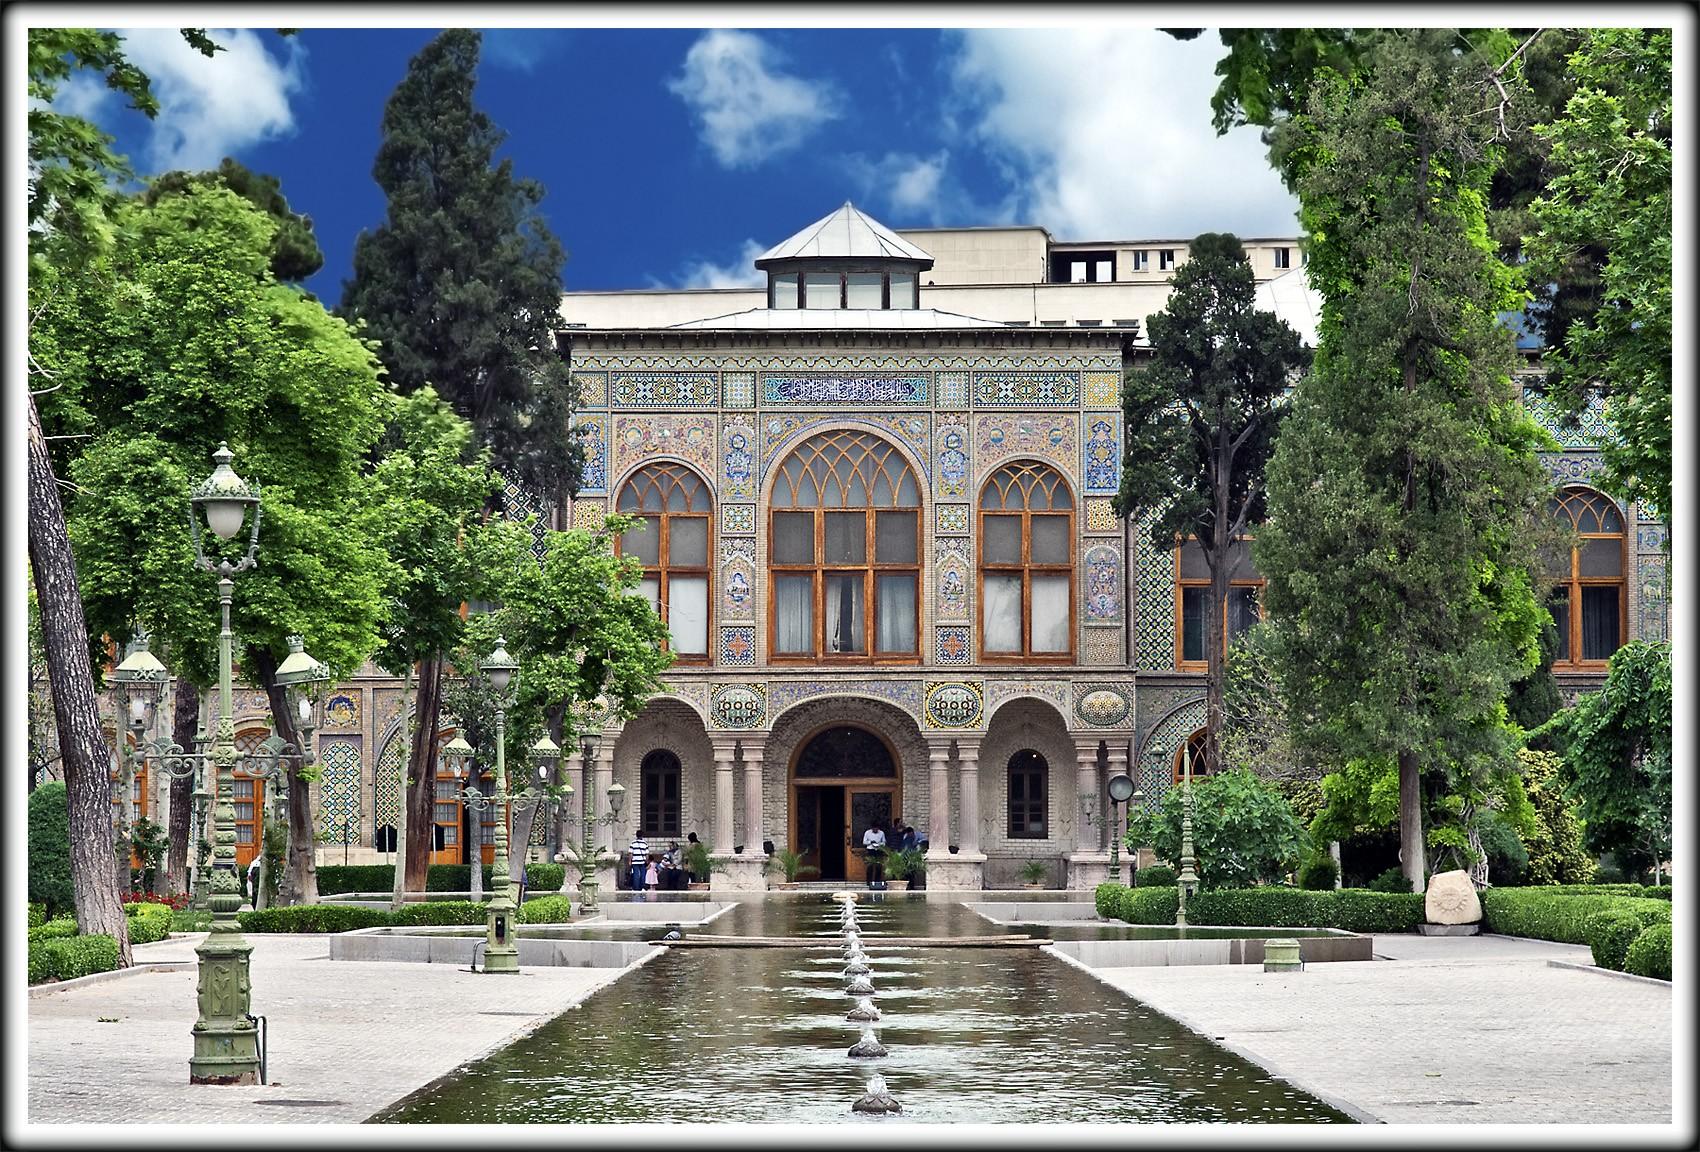 نمائی از تالار آئینه در کاخ گلستان